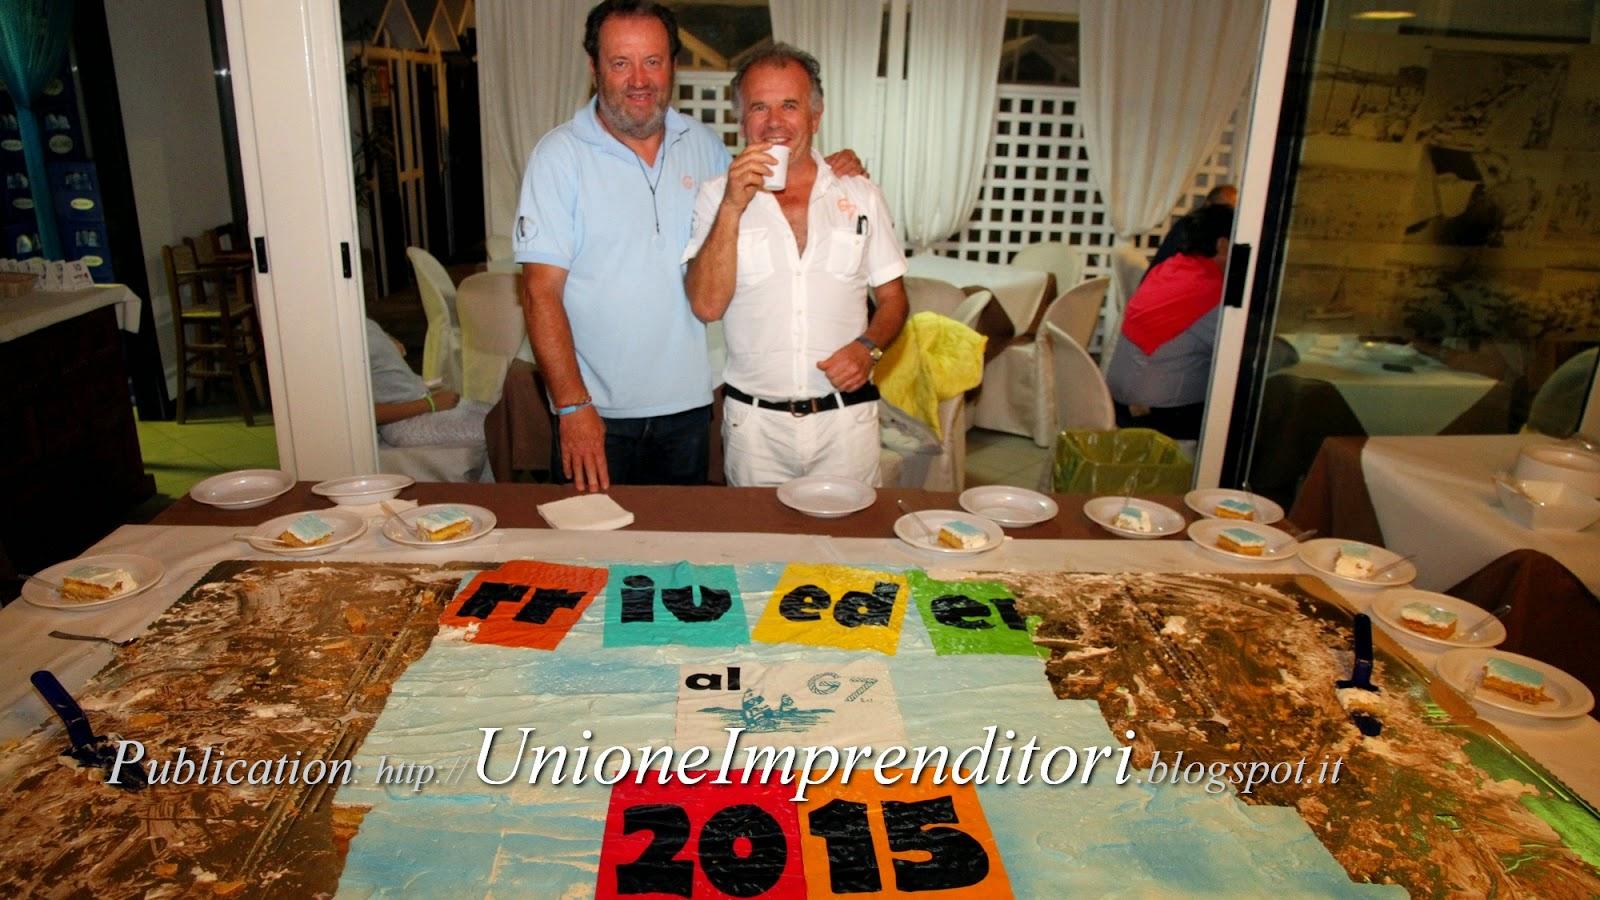 Ilg7 saluta tutti con la tradizionale torta gigante e dà